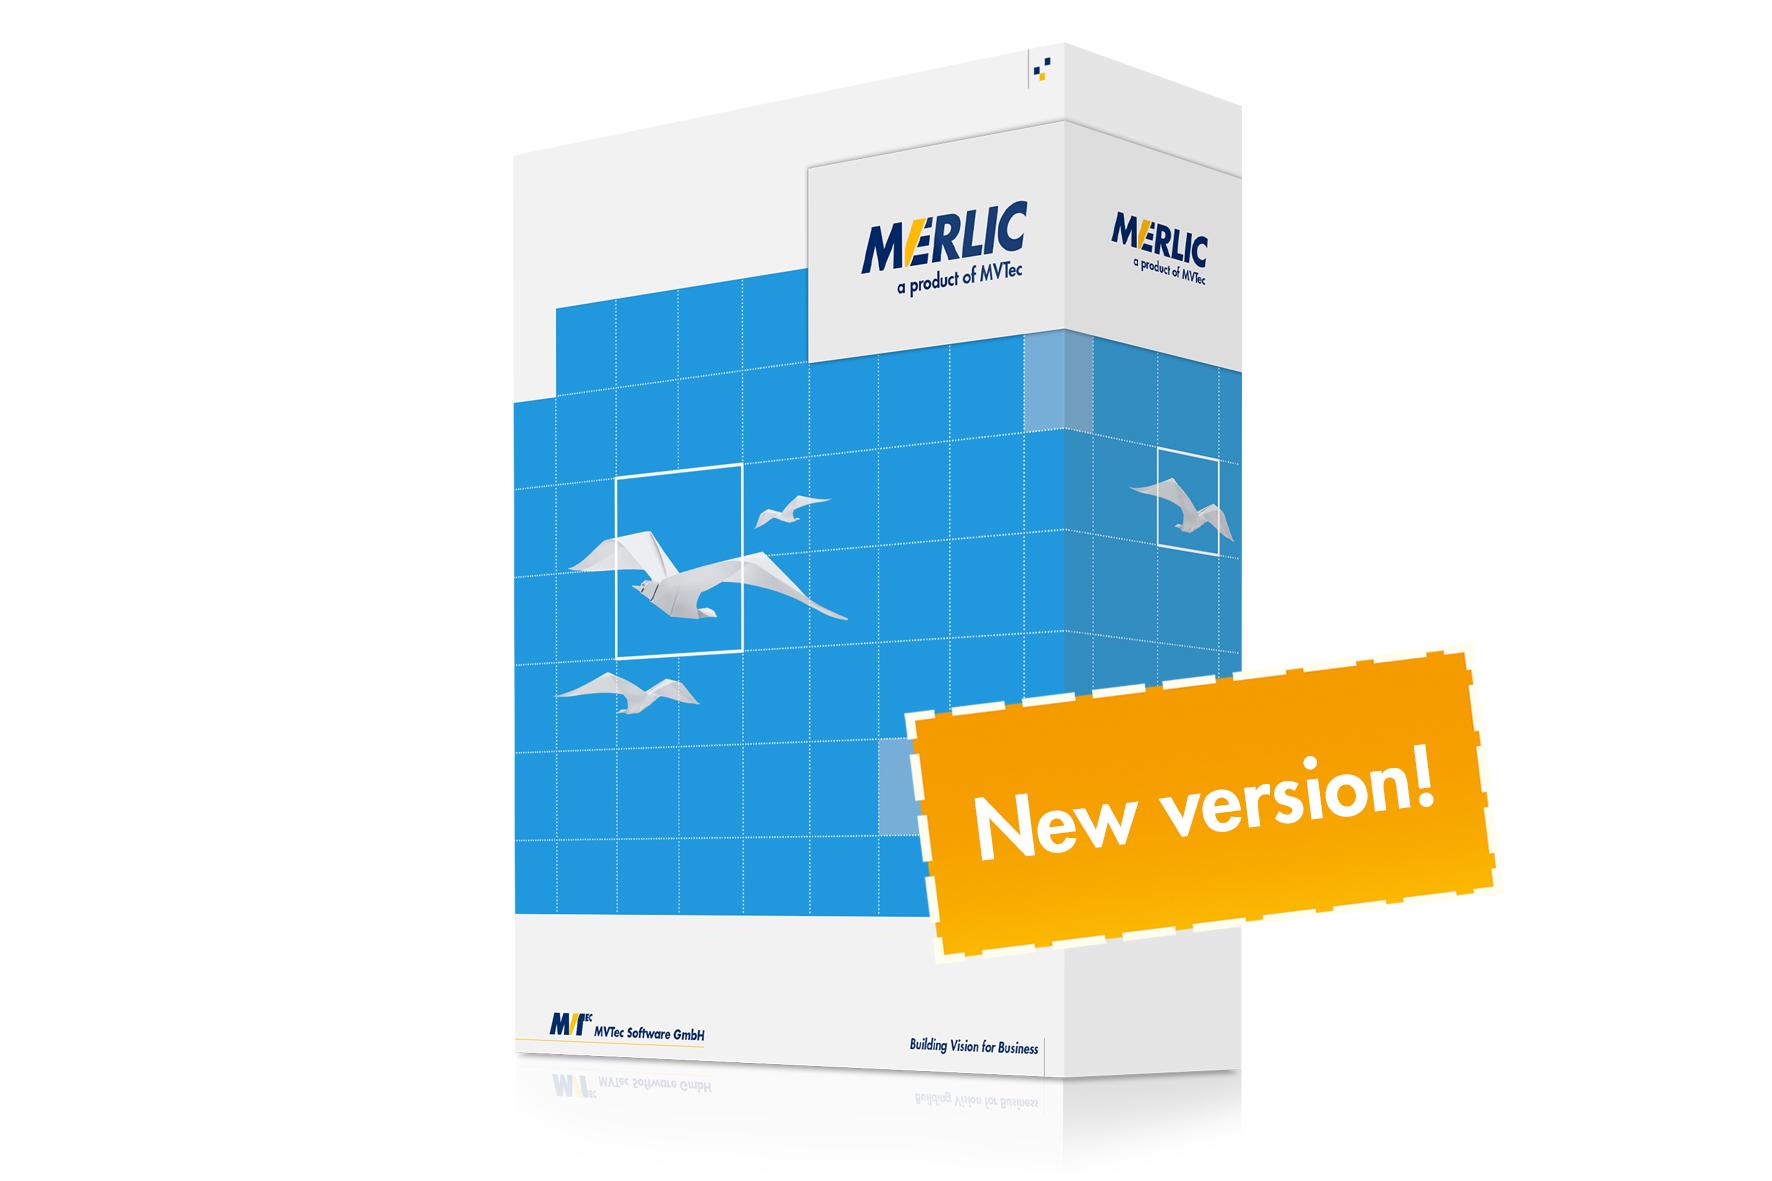 MERLIC_4_Release_300dpi_rgb_en